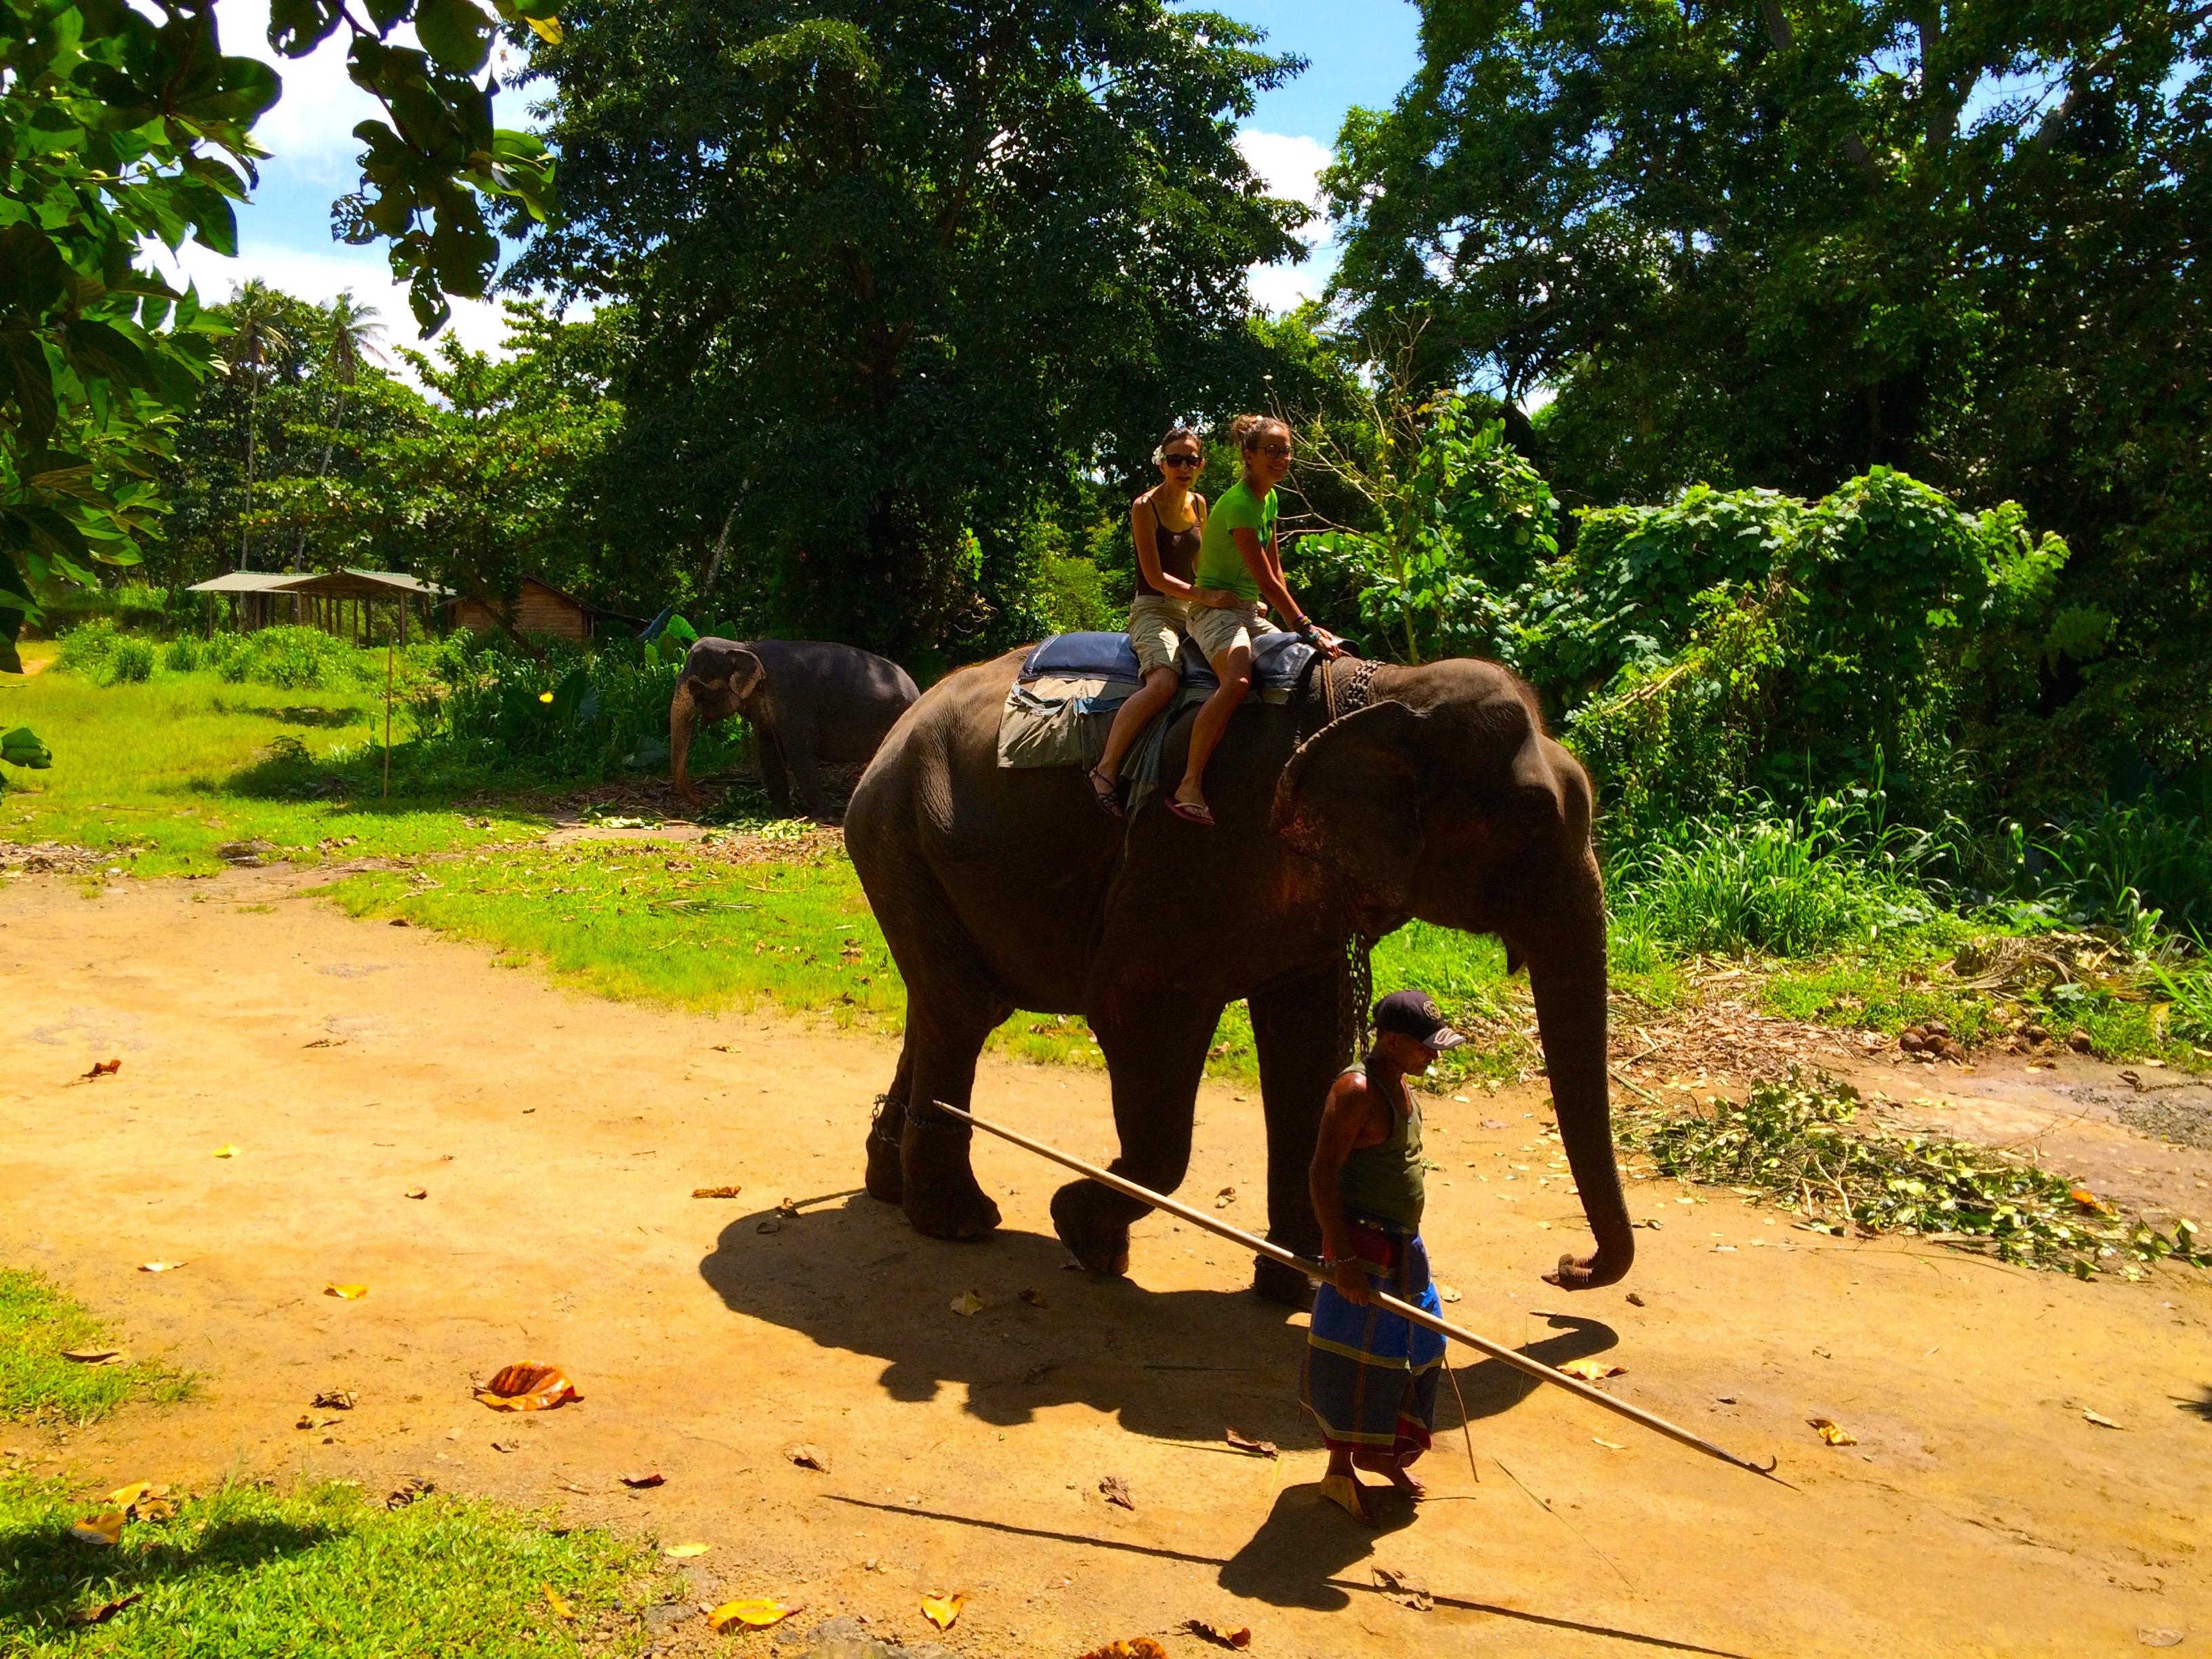 Monter sur un éléphant…